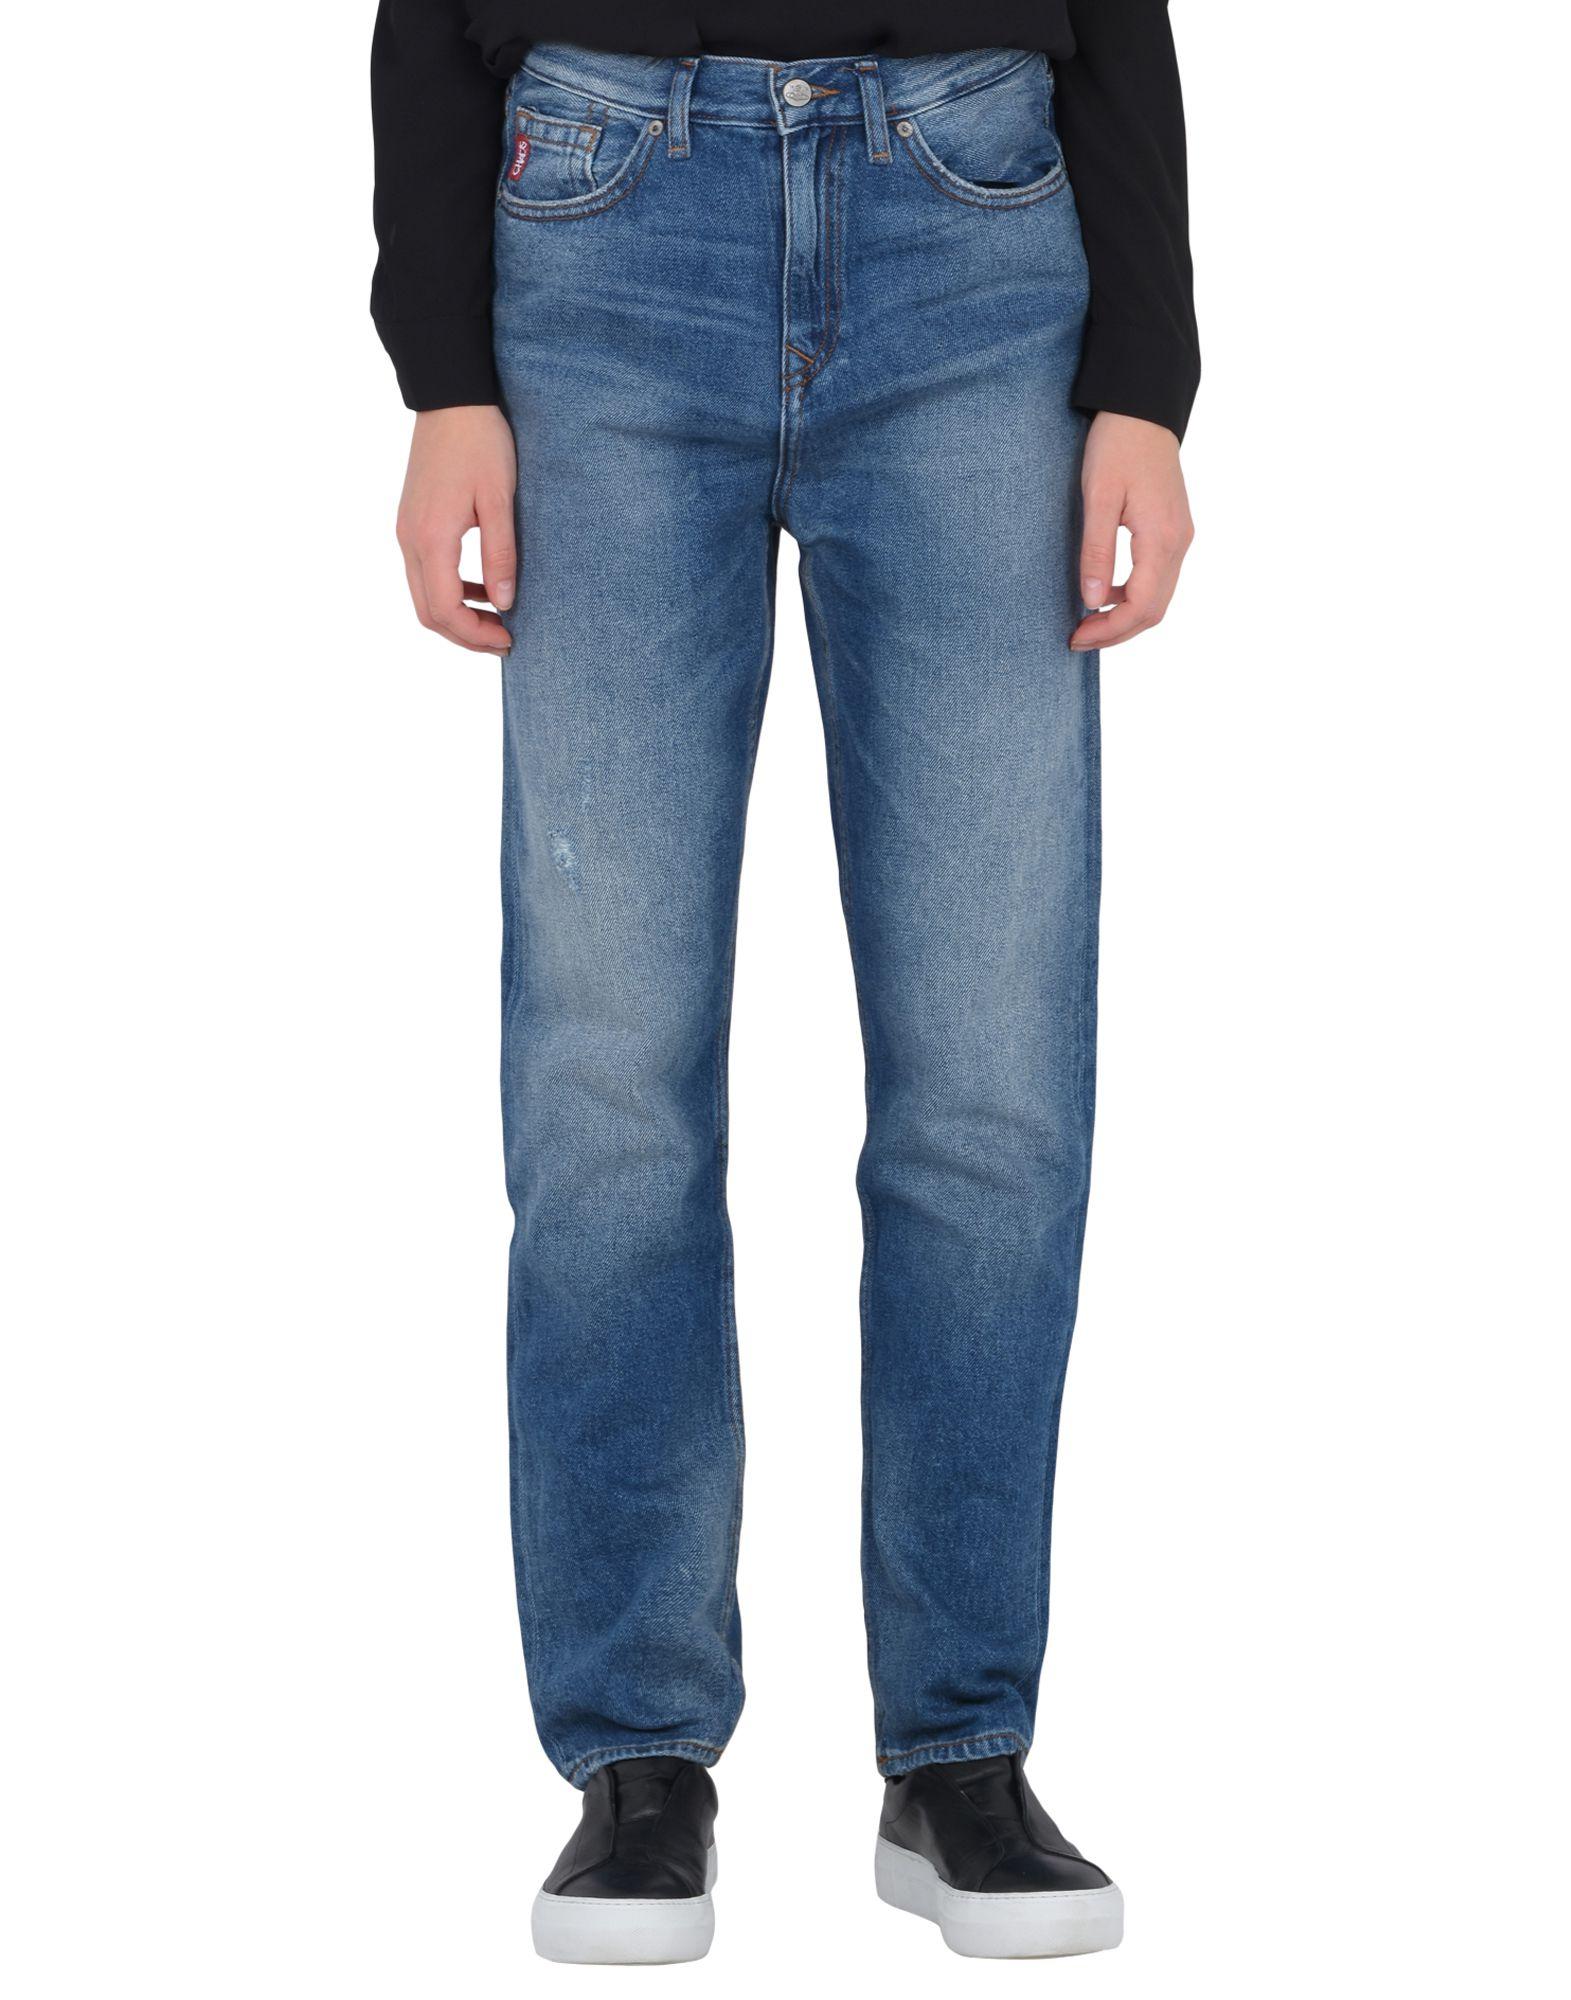 Vivienne Westwood Anglomania Skytte Jeans Med Wash - Denim Pants ... 67d8df715